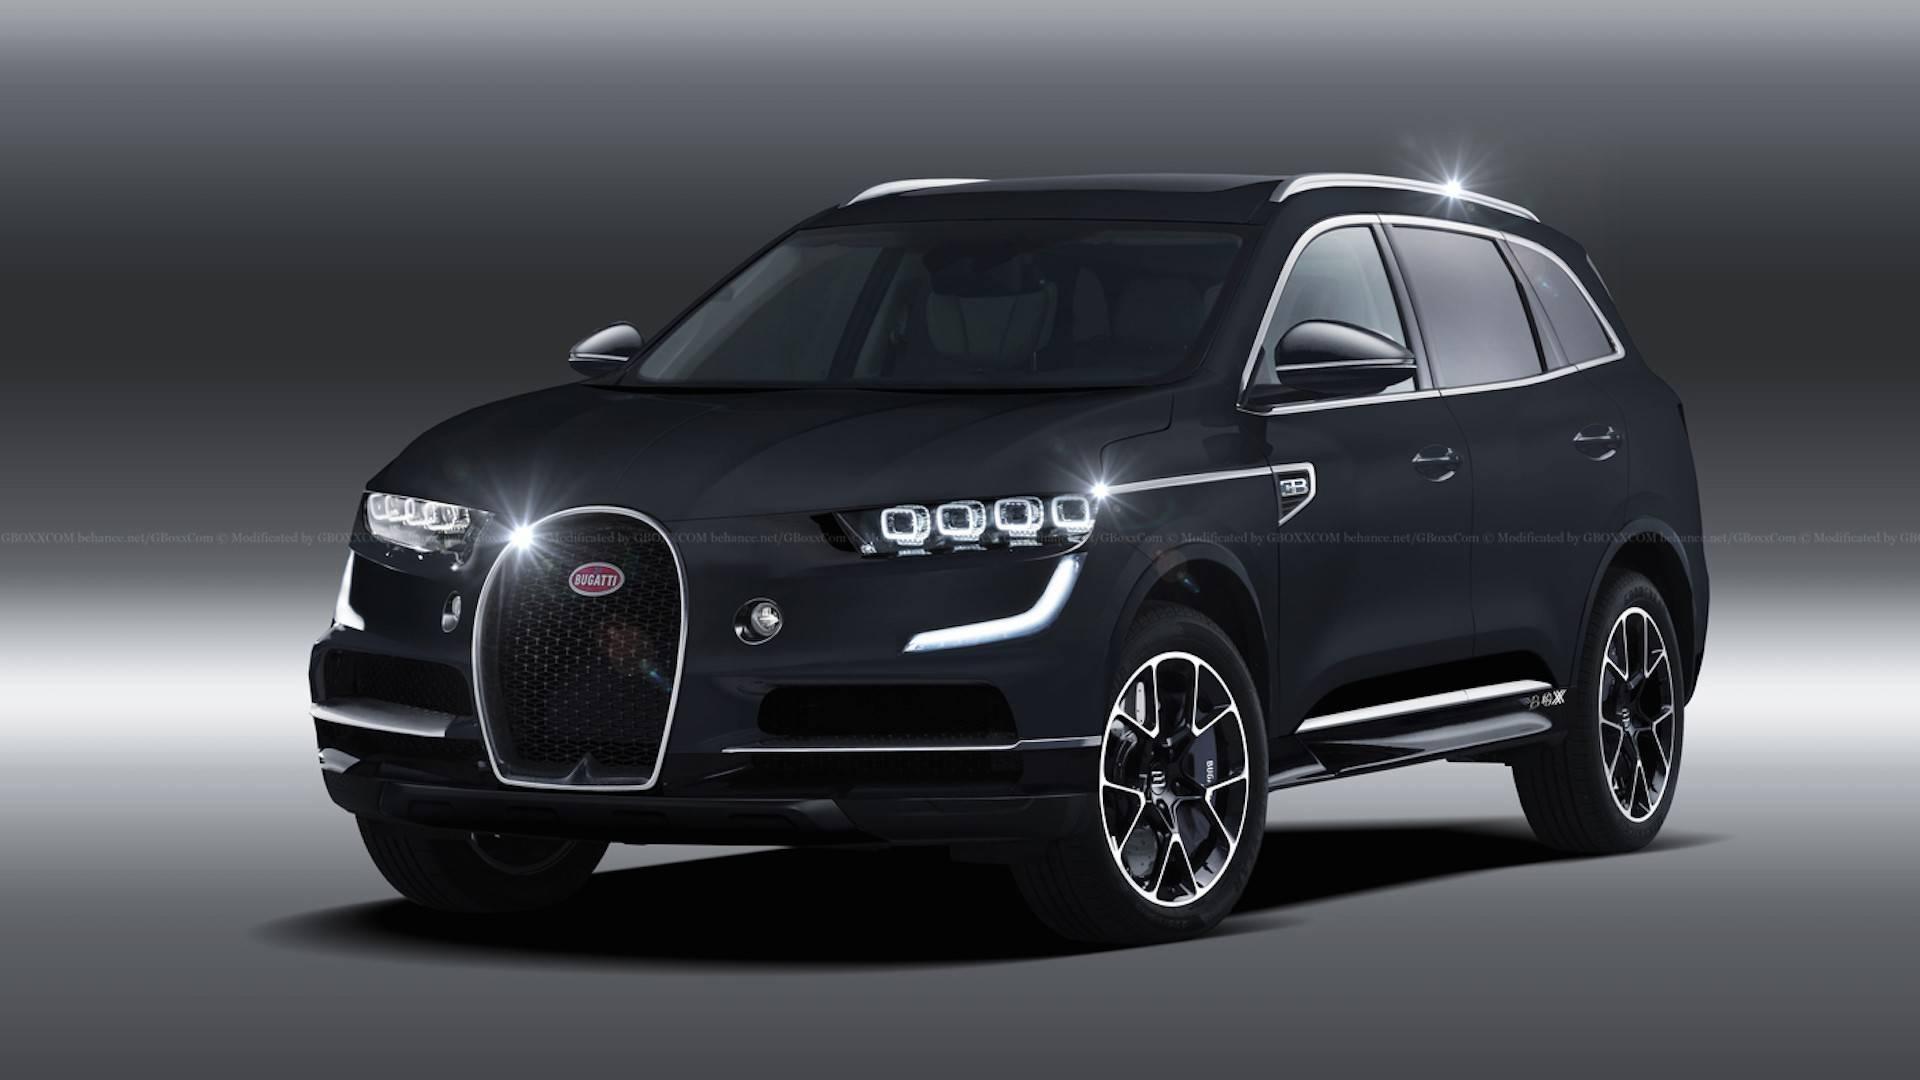 ブガッティが初のSUVを発売?新型車は1800馬力越えのエンジン搭載の可能性も?